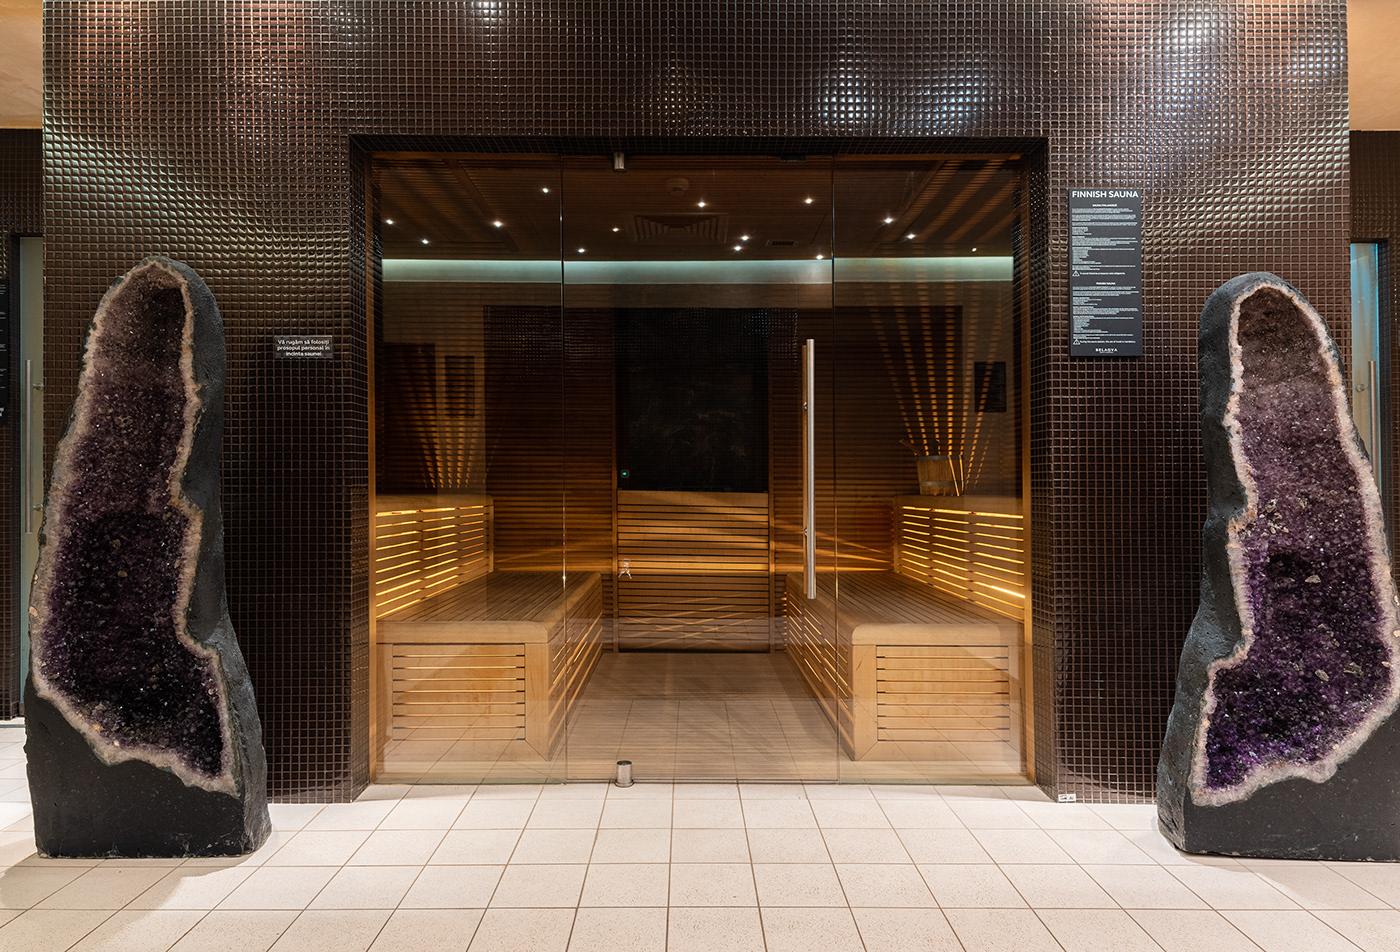 Image may contain: door, indoor and floor